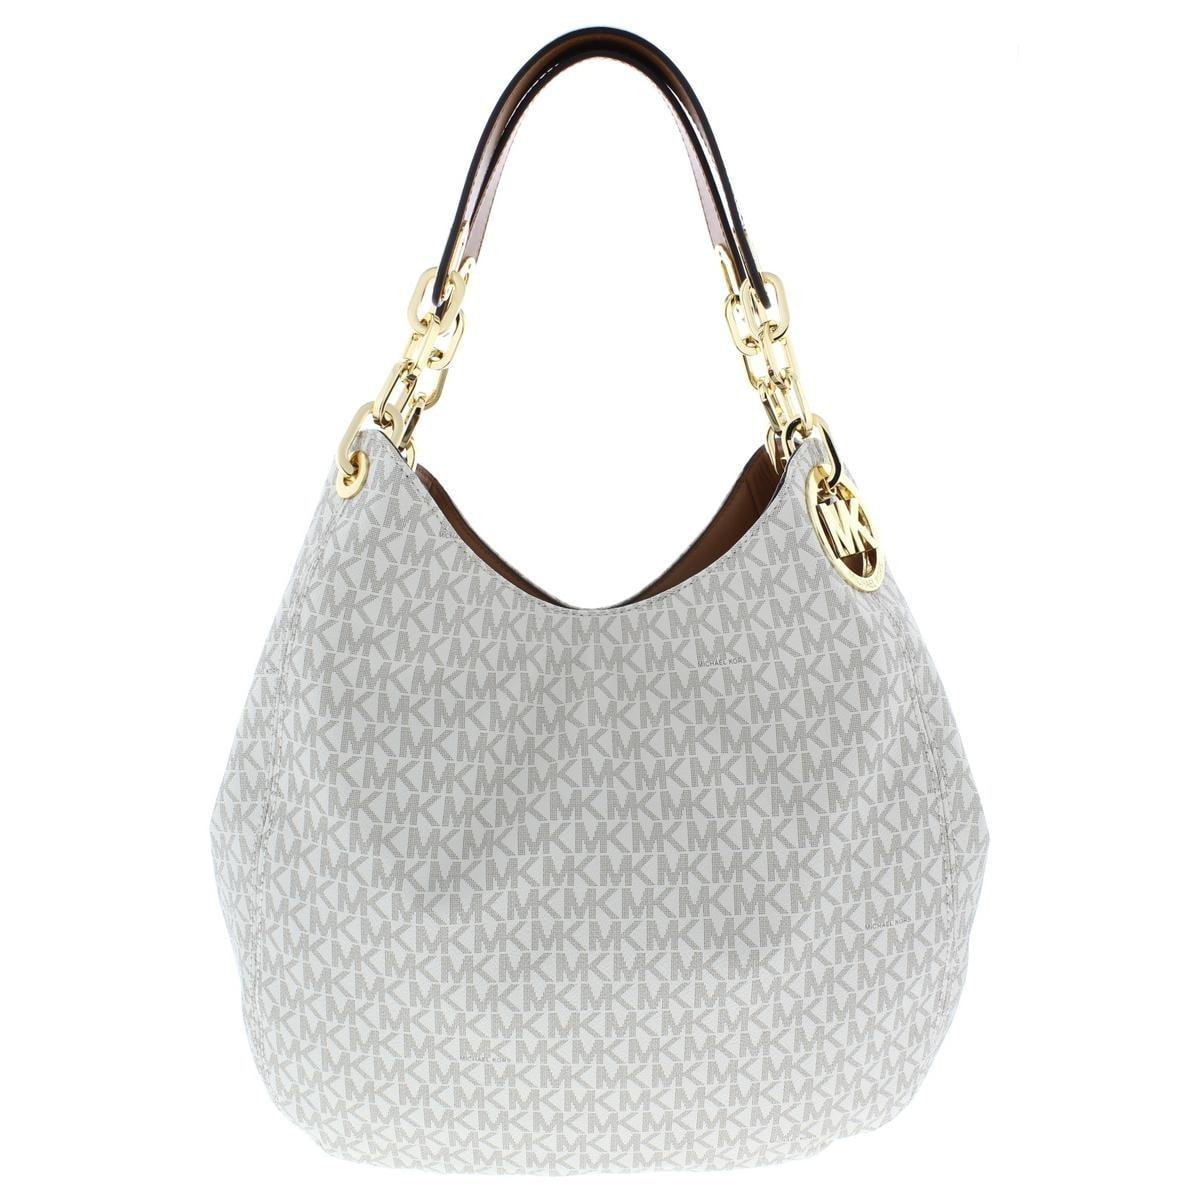 Fulton Shoulder Handbag Faux Leather